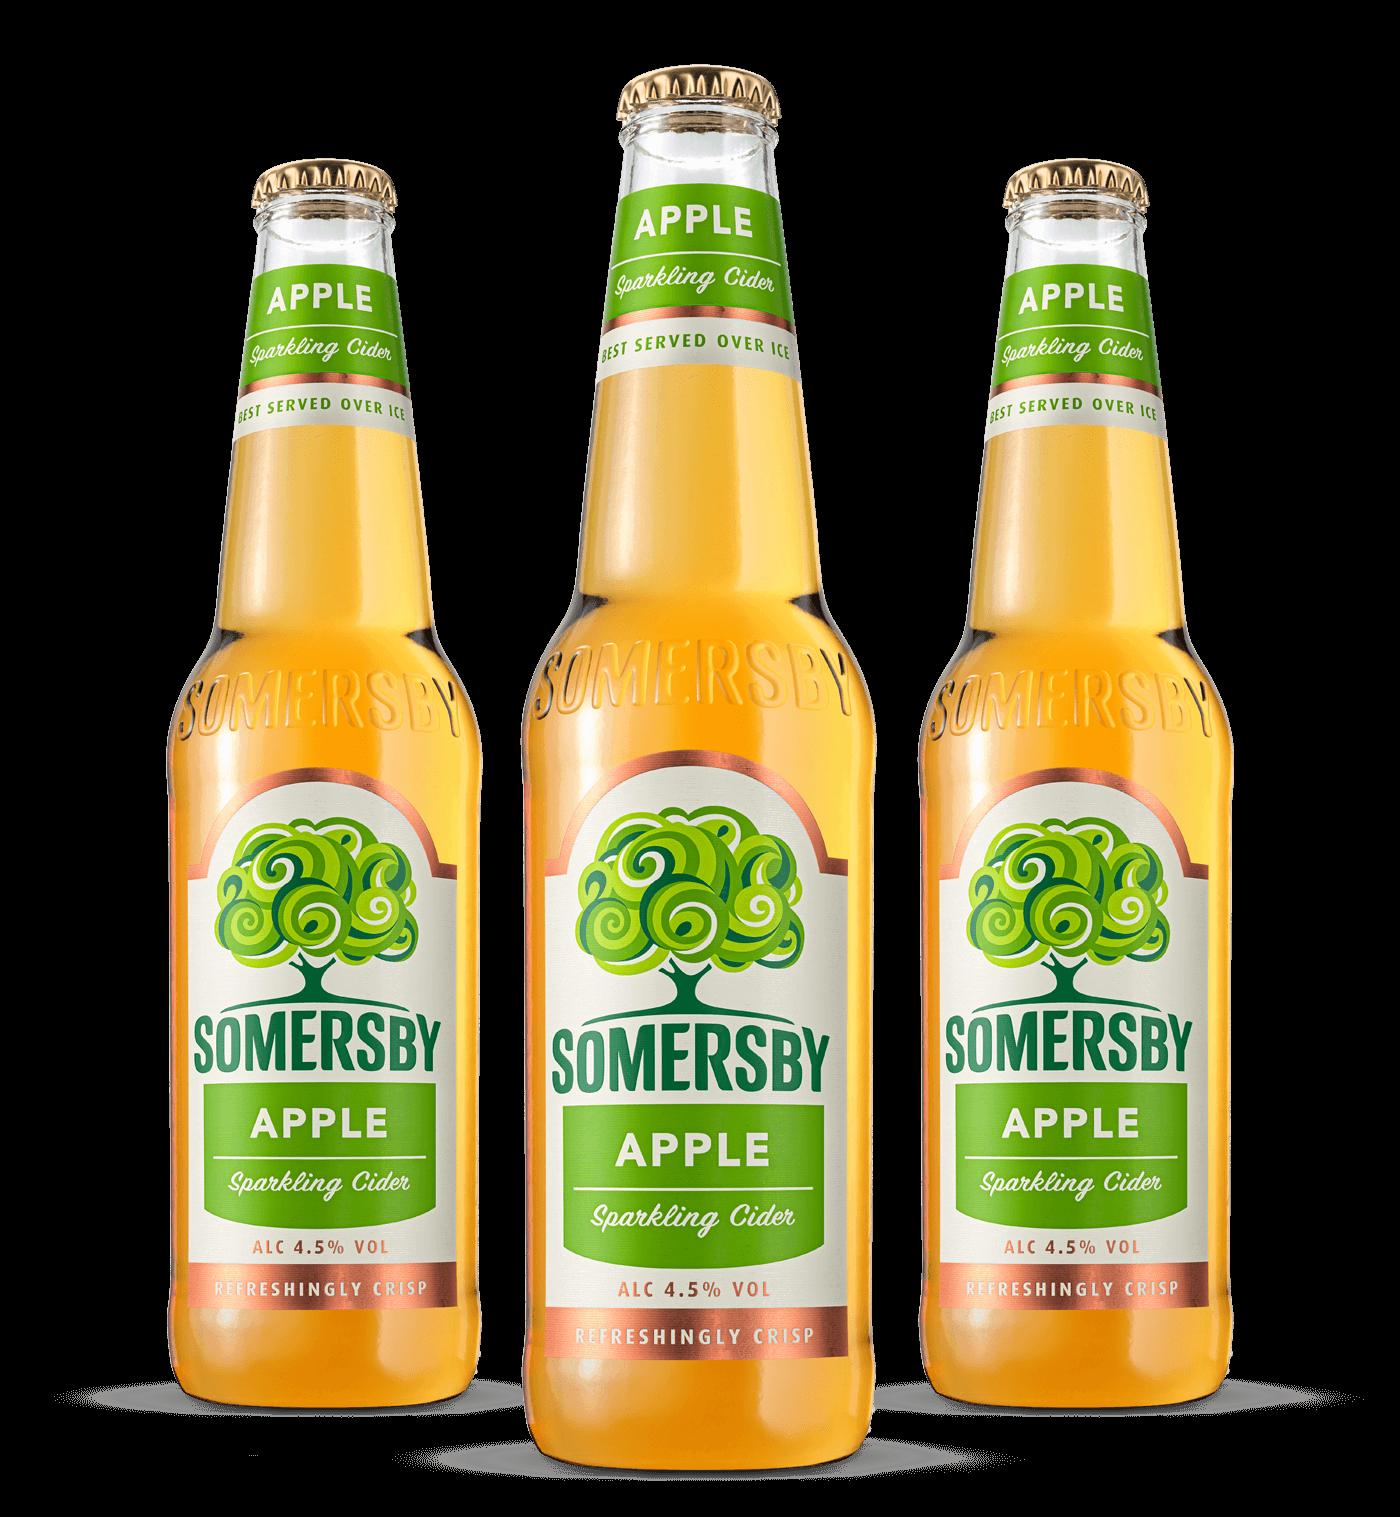 Fotorealistisches Rendern von 3 Getränke-Flaschen